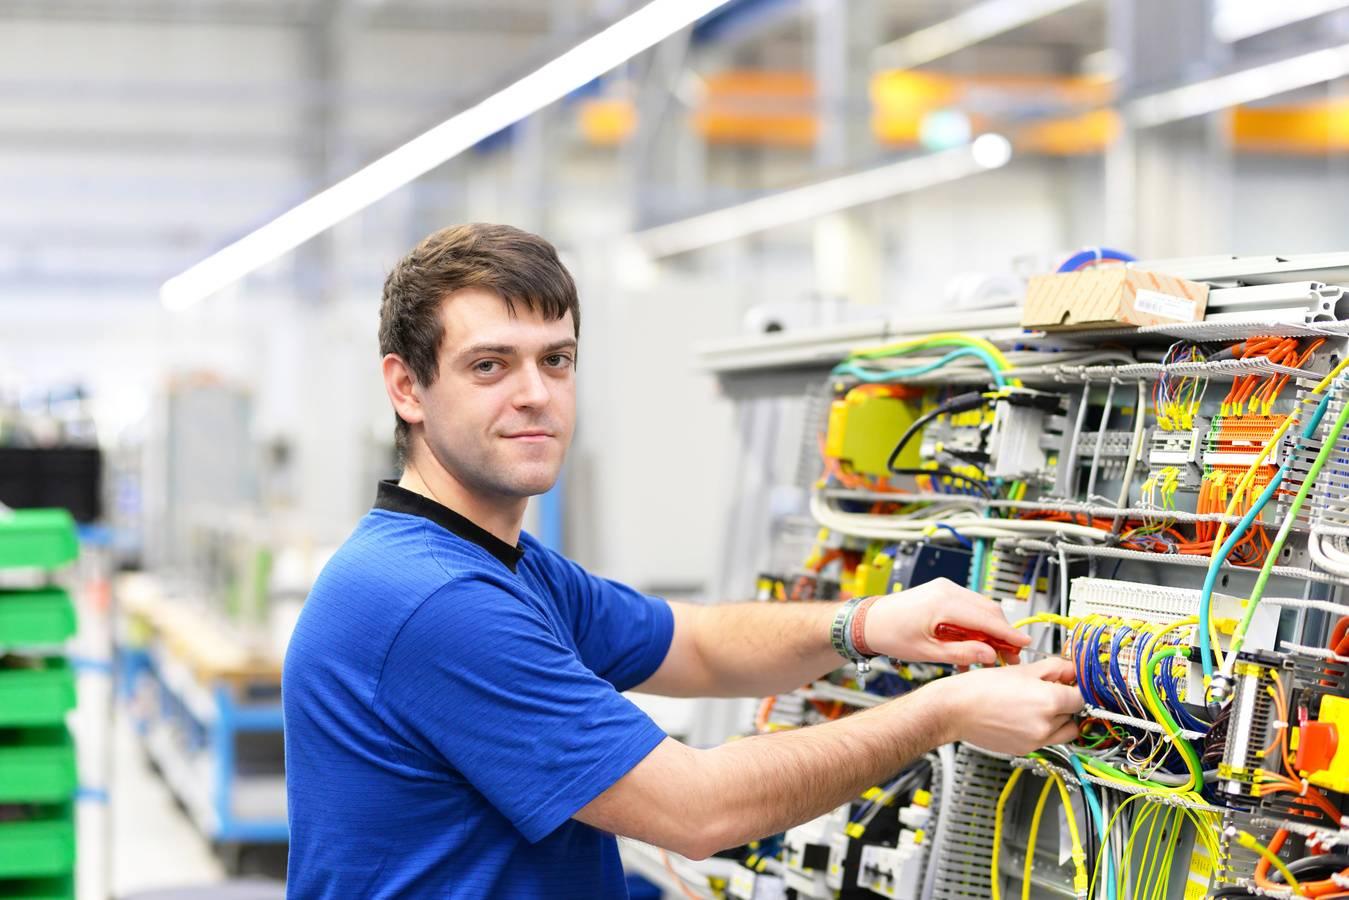 Elektroniker - Automatisierungstechnik